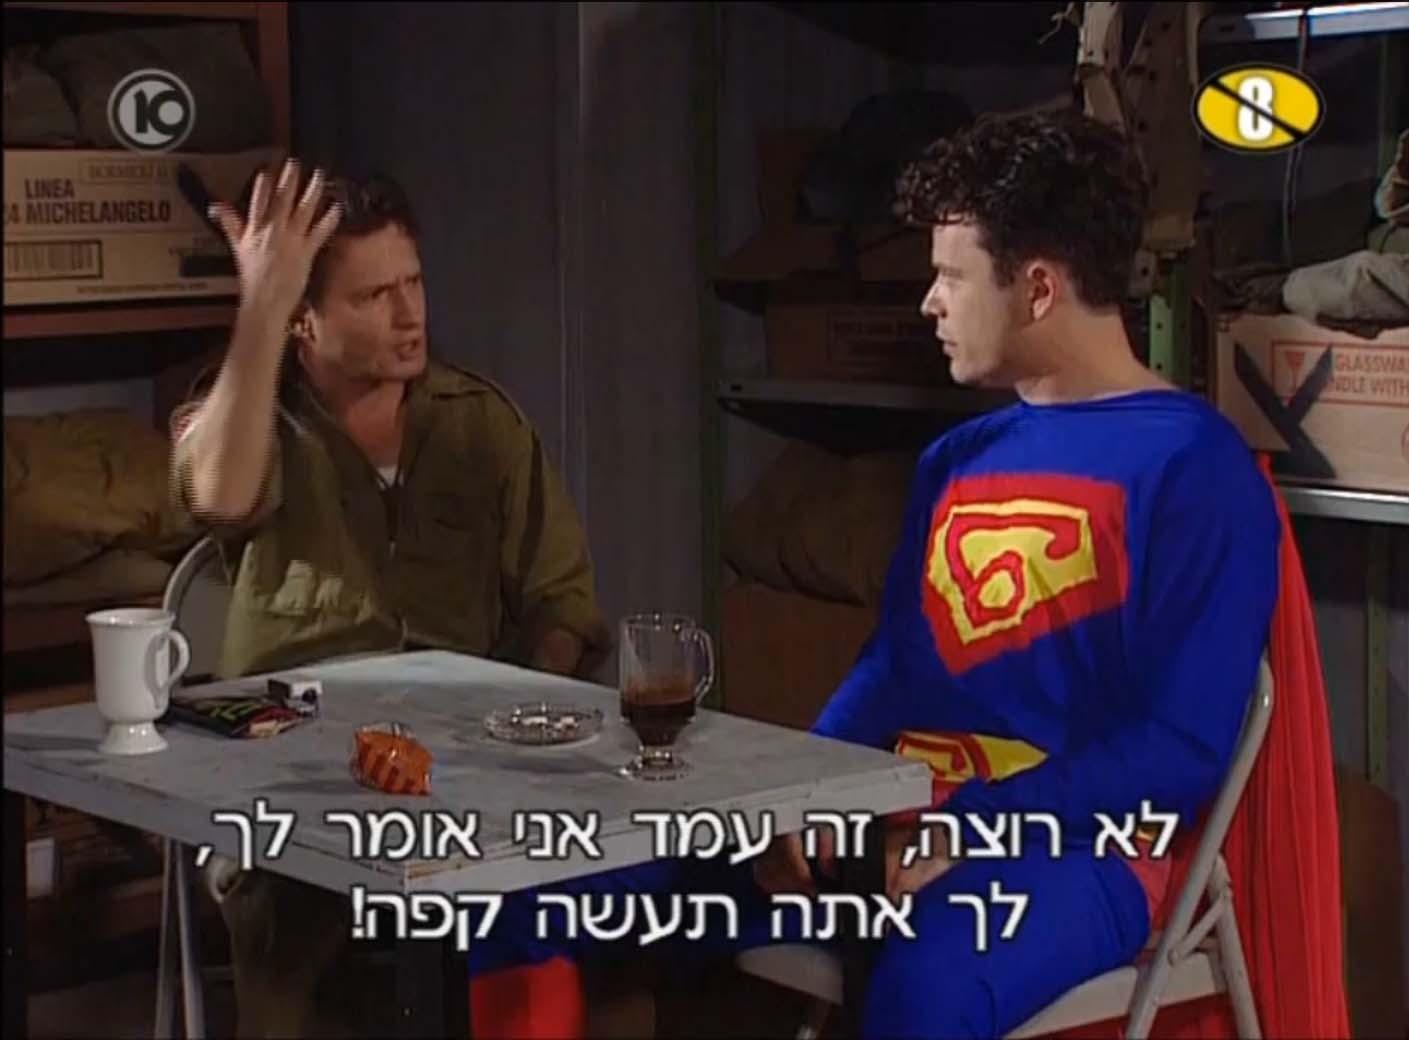 """רמי הויברגר (מימין) ודב נבון במערכון של """"החמישיה הקאמרית"""", 1996"""